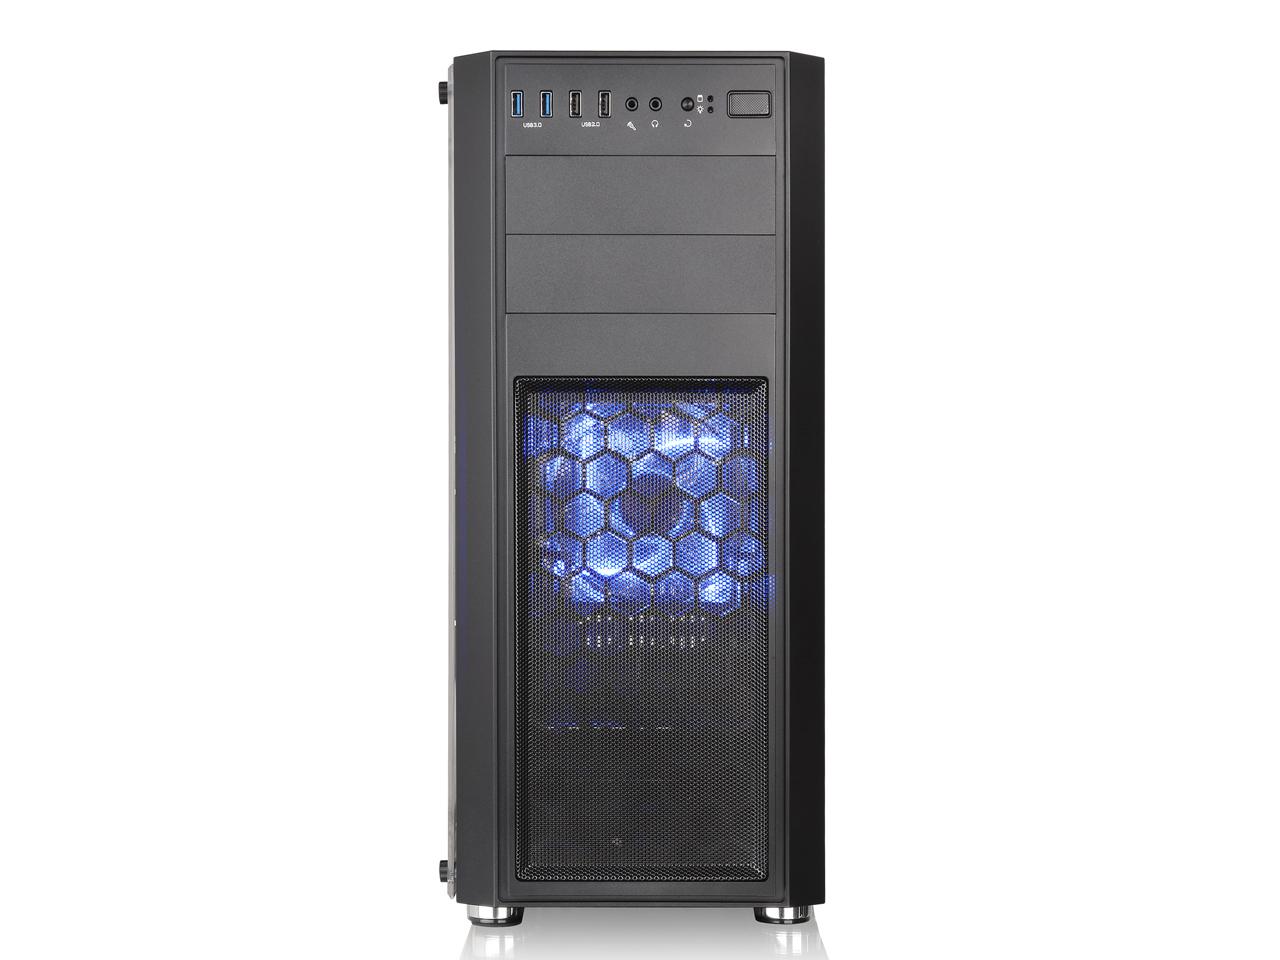 『本体 正面』 Versa H26 Black /w casefan CA-1J5-00M1WN-01 [ブラック] の製品画像